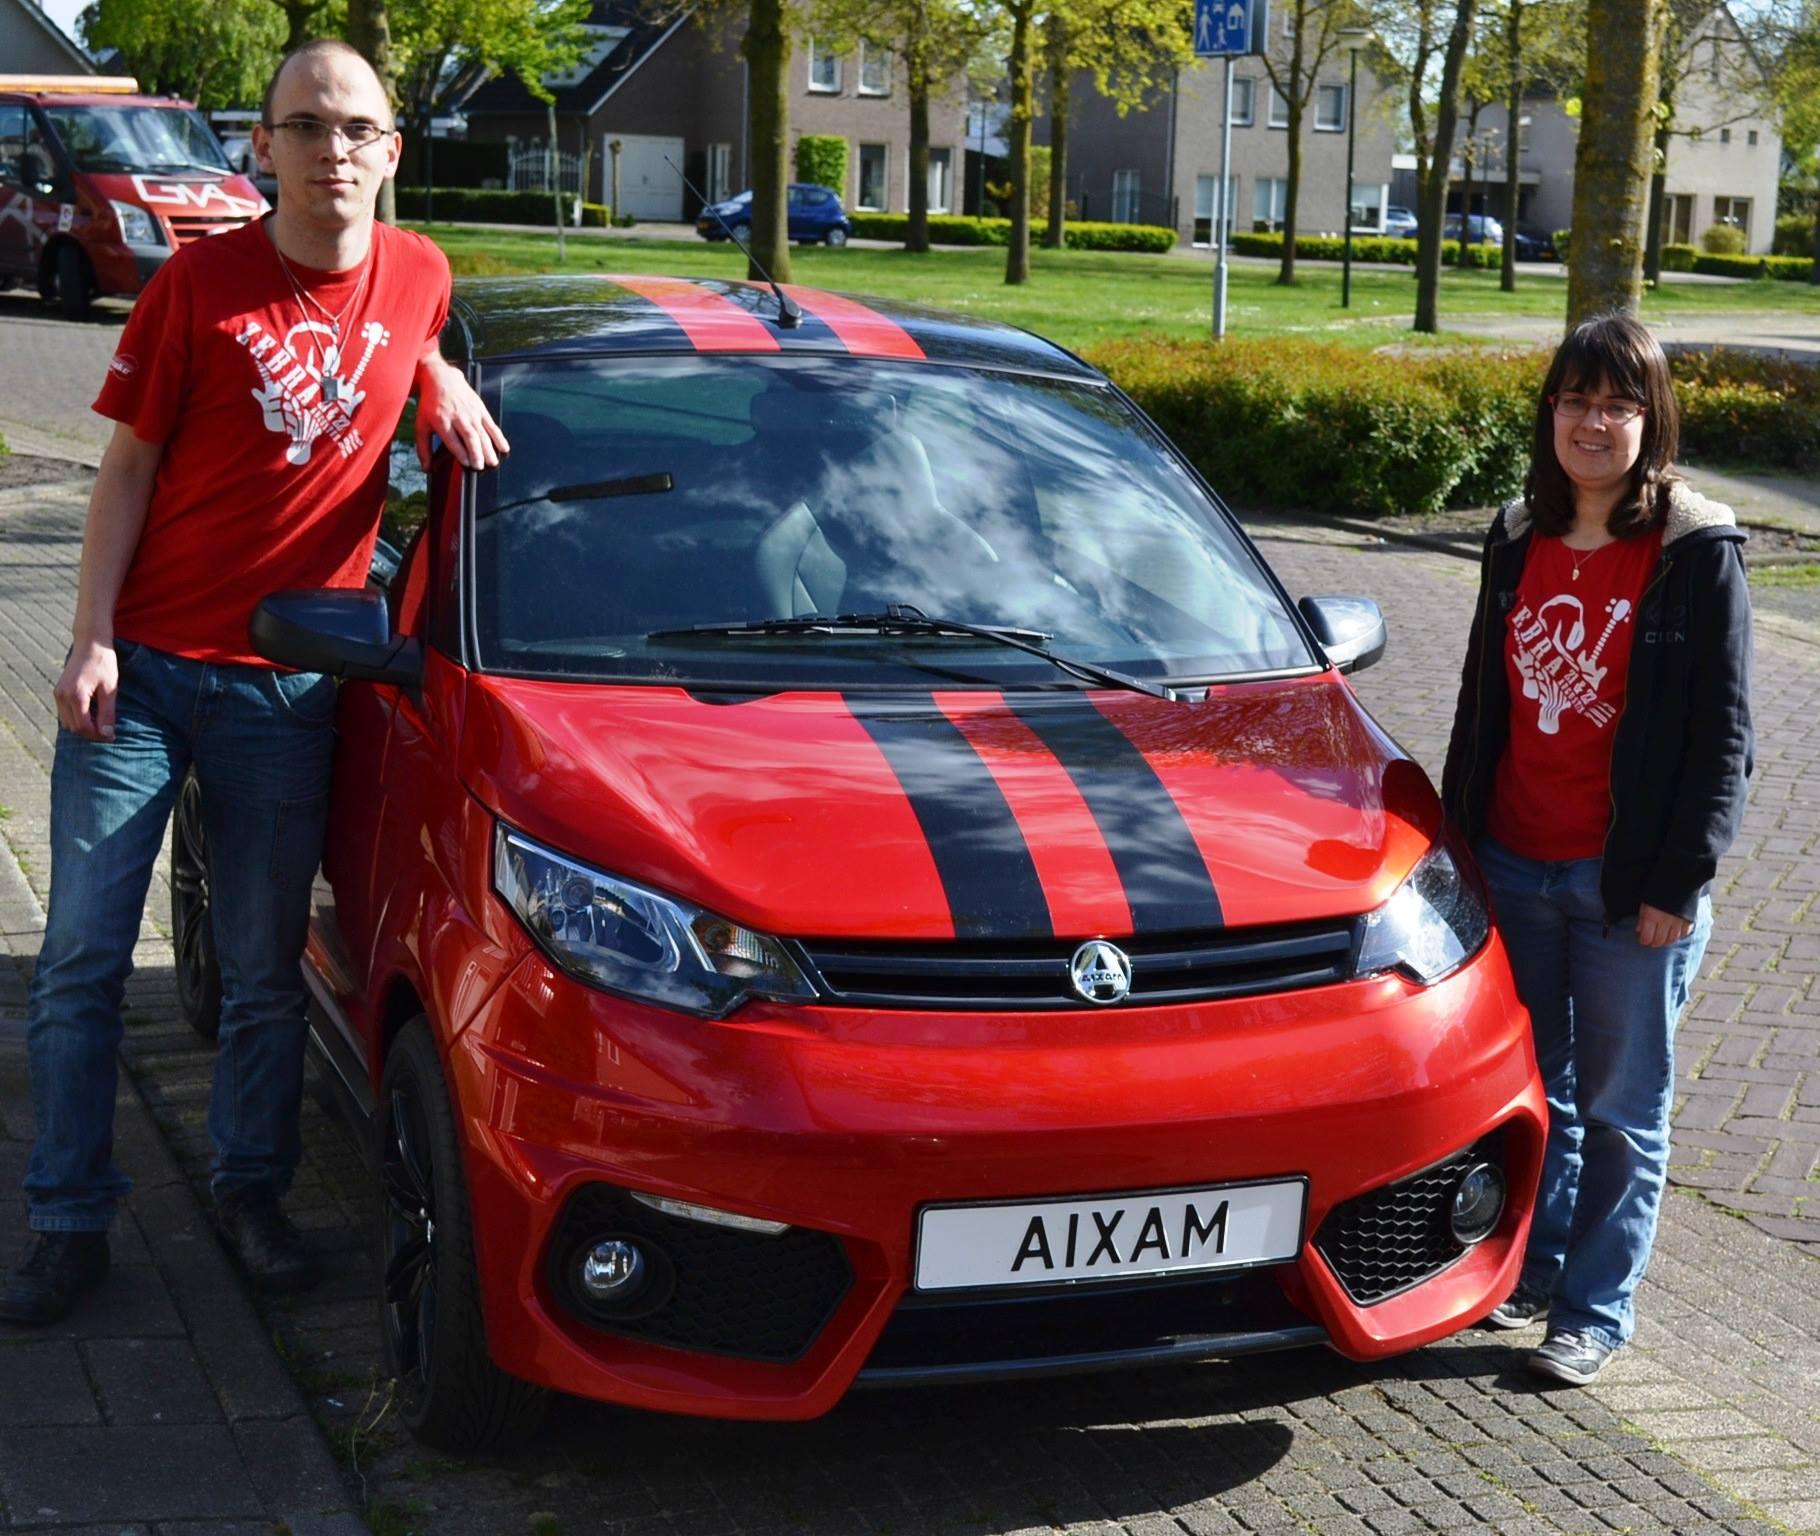 Jolanda uit Helmond met haar Aixam